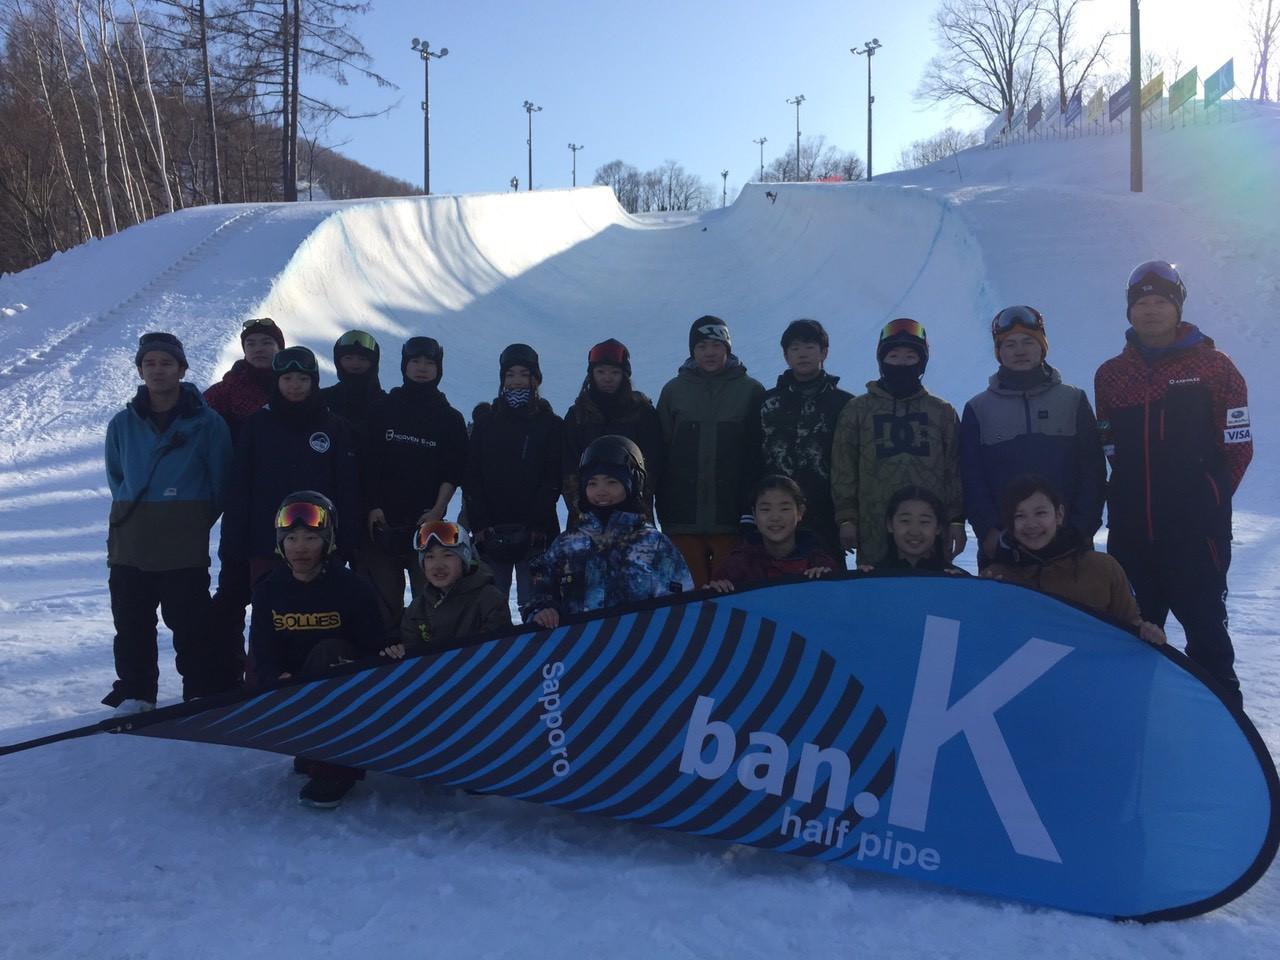 お世話になった札幌ばんけいスキー場にて、地域育成・発掘選手集合写真